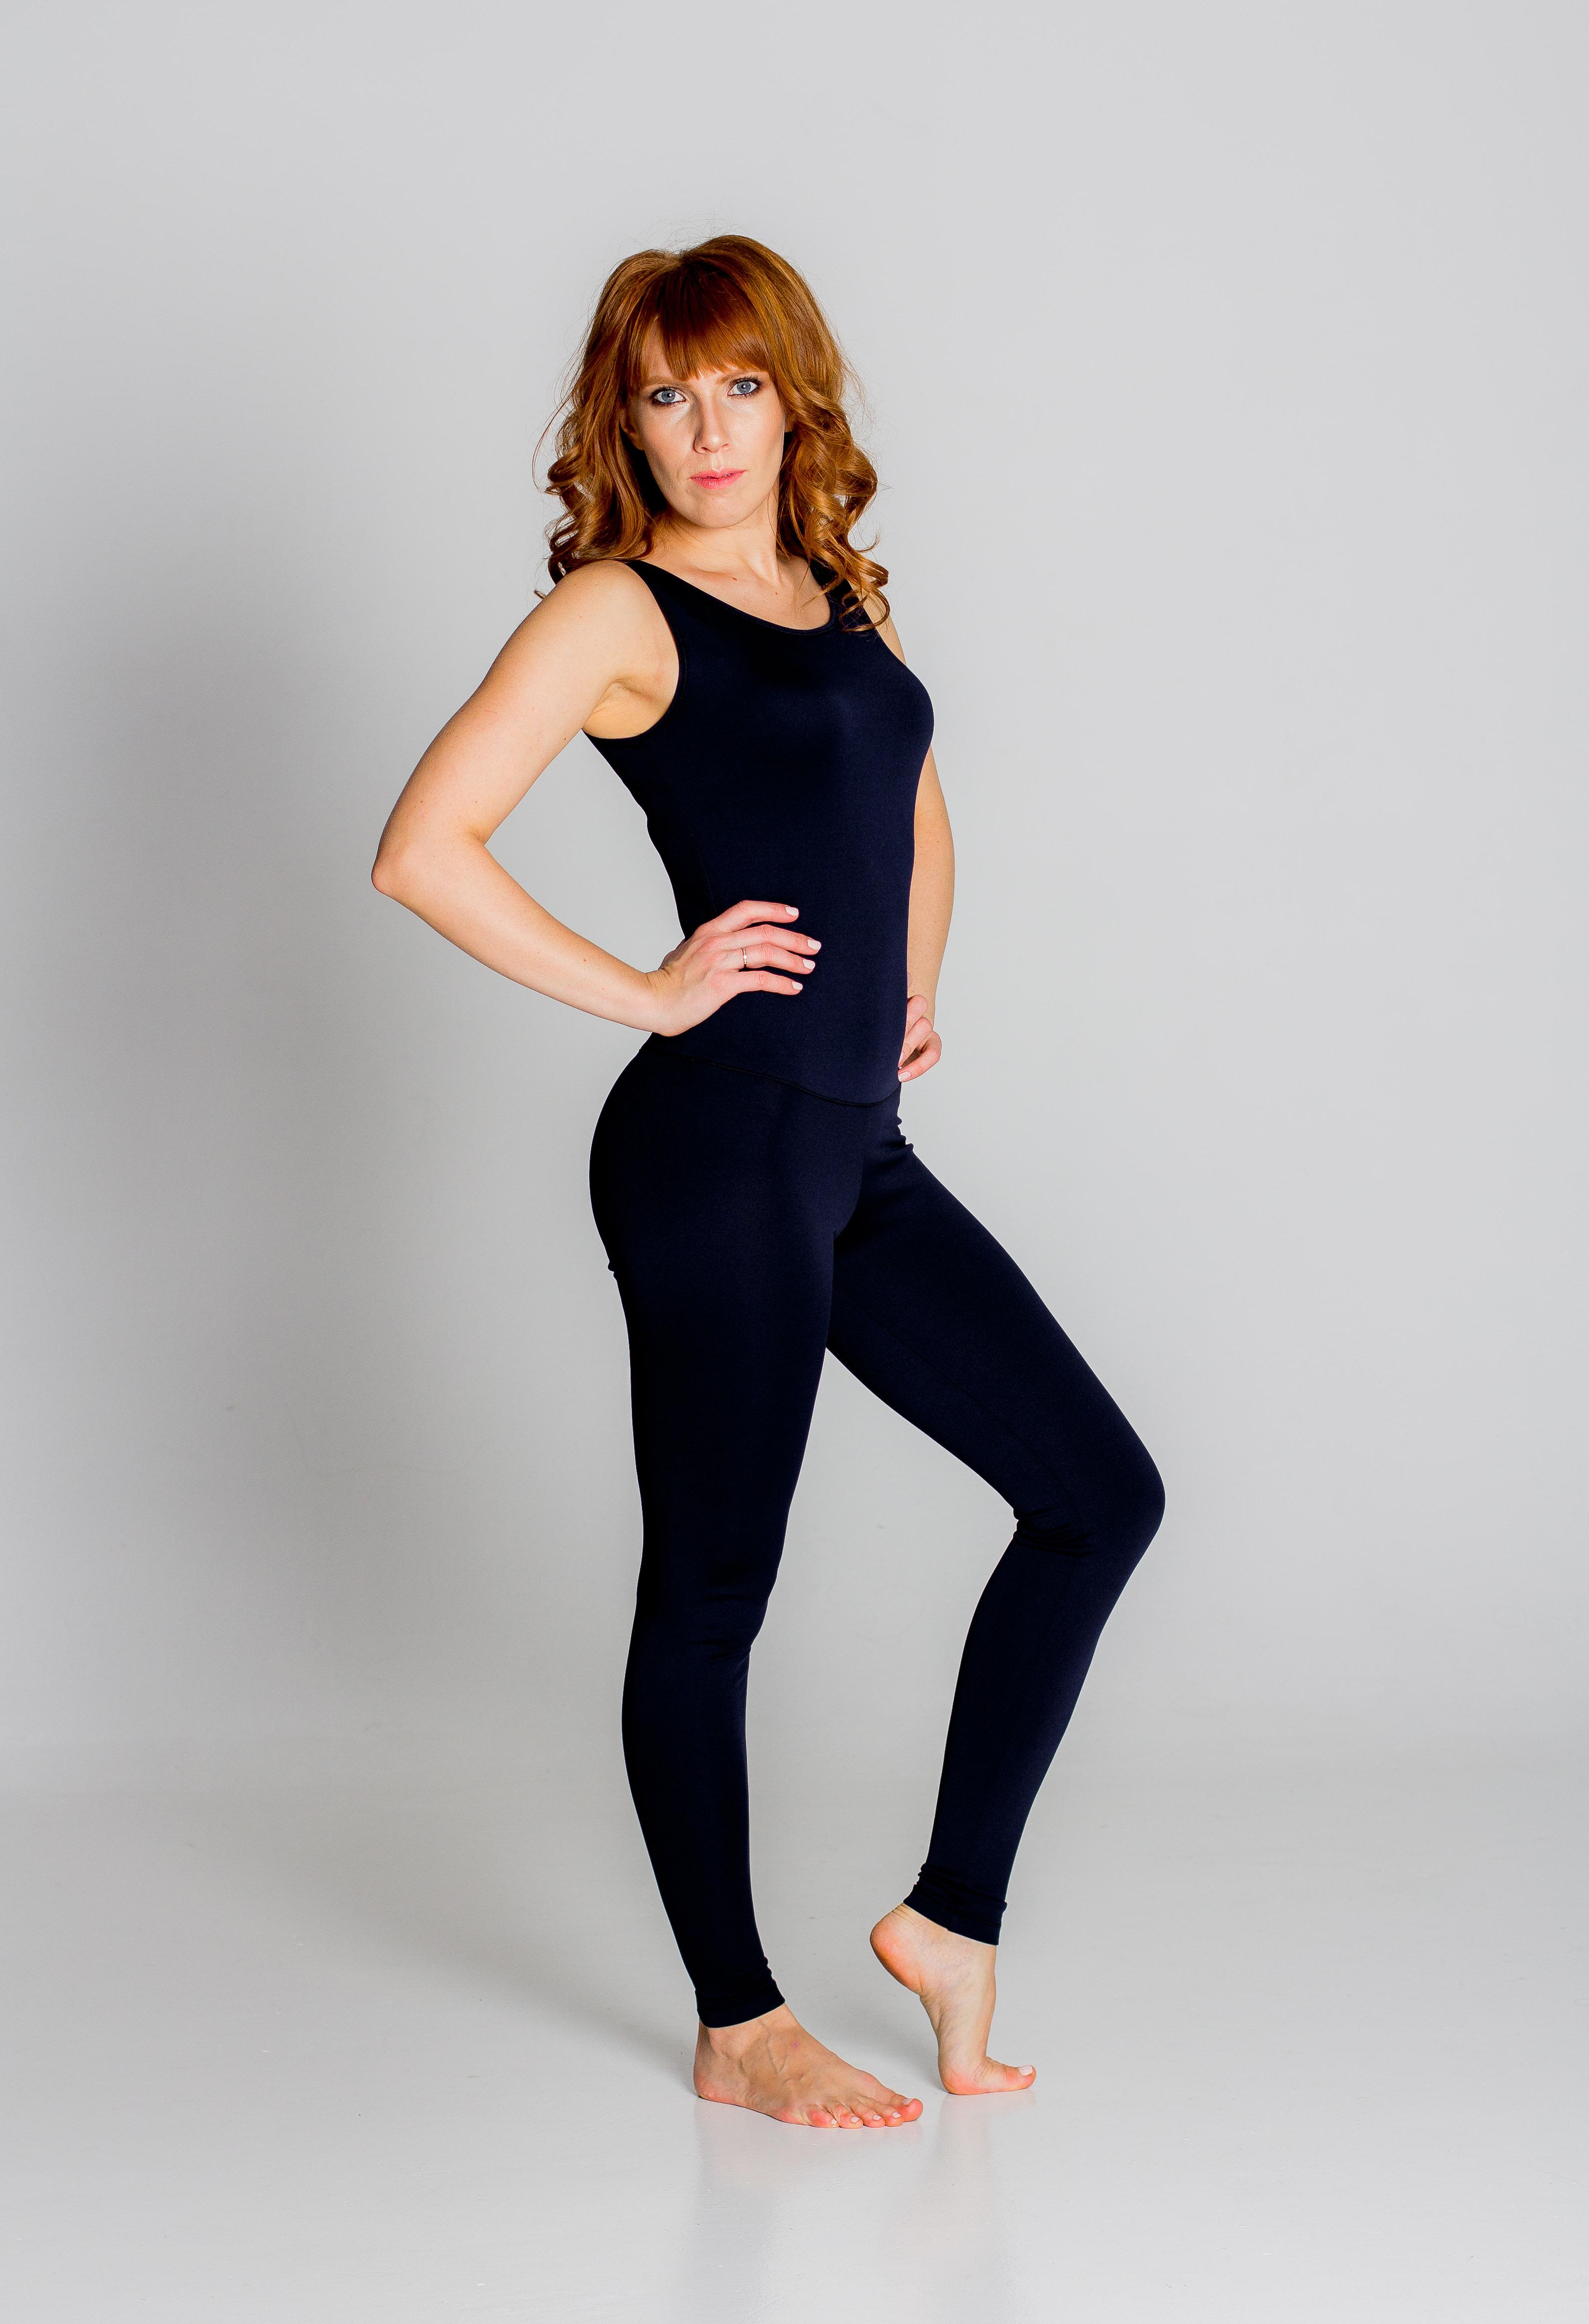 Комбинезон для йоги и фитнеса без рукавов Грация однотонная  (170см, XS(42), черный)